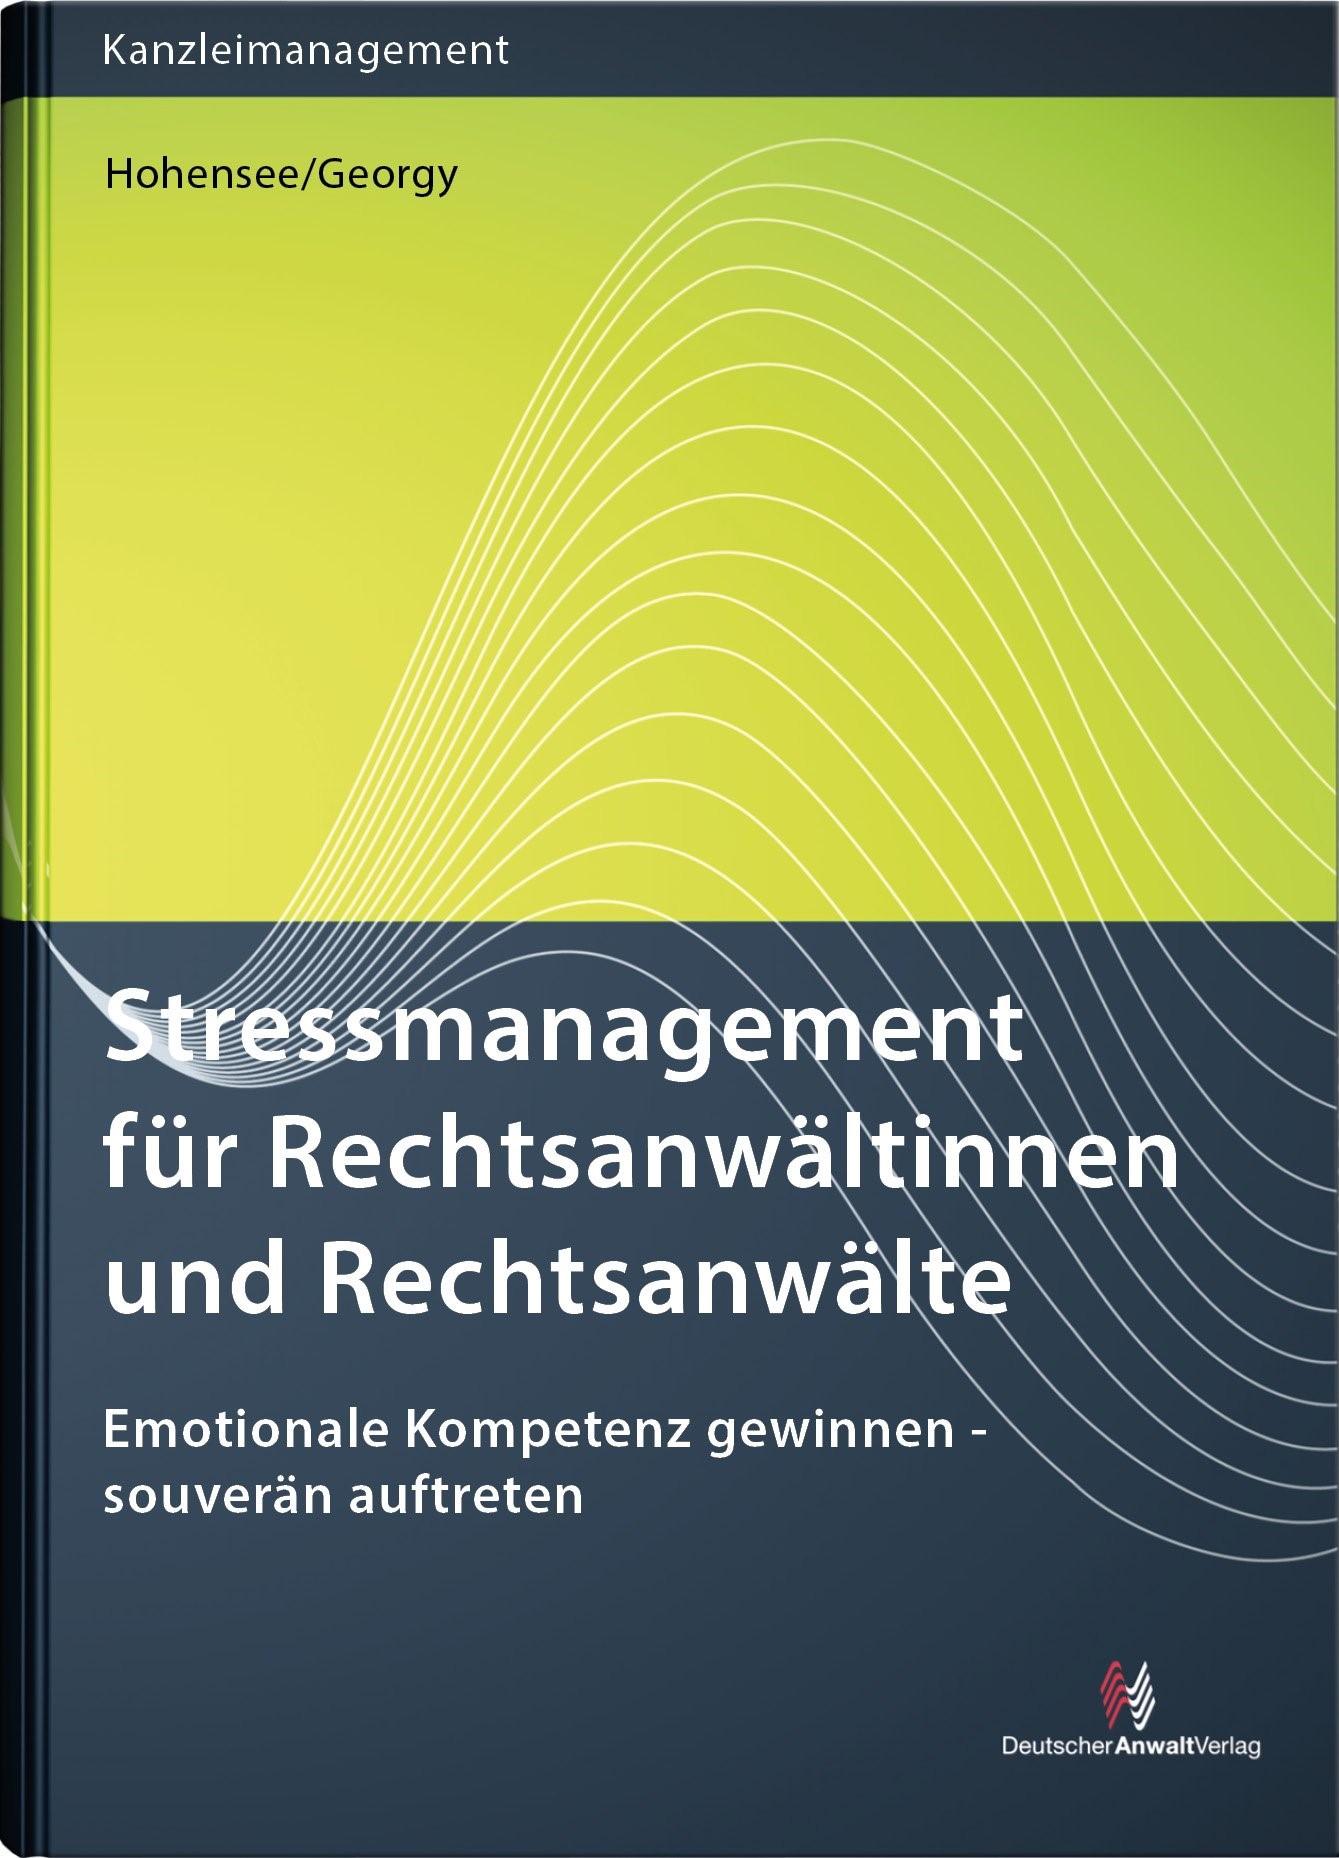 Abbildung von Hohensee / Georgy | Stressmanagement für Rechtsanwältinnen und Rechtsanwälte  | 2019